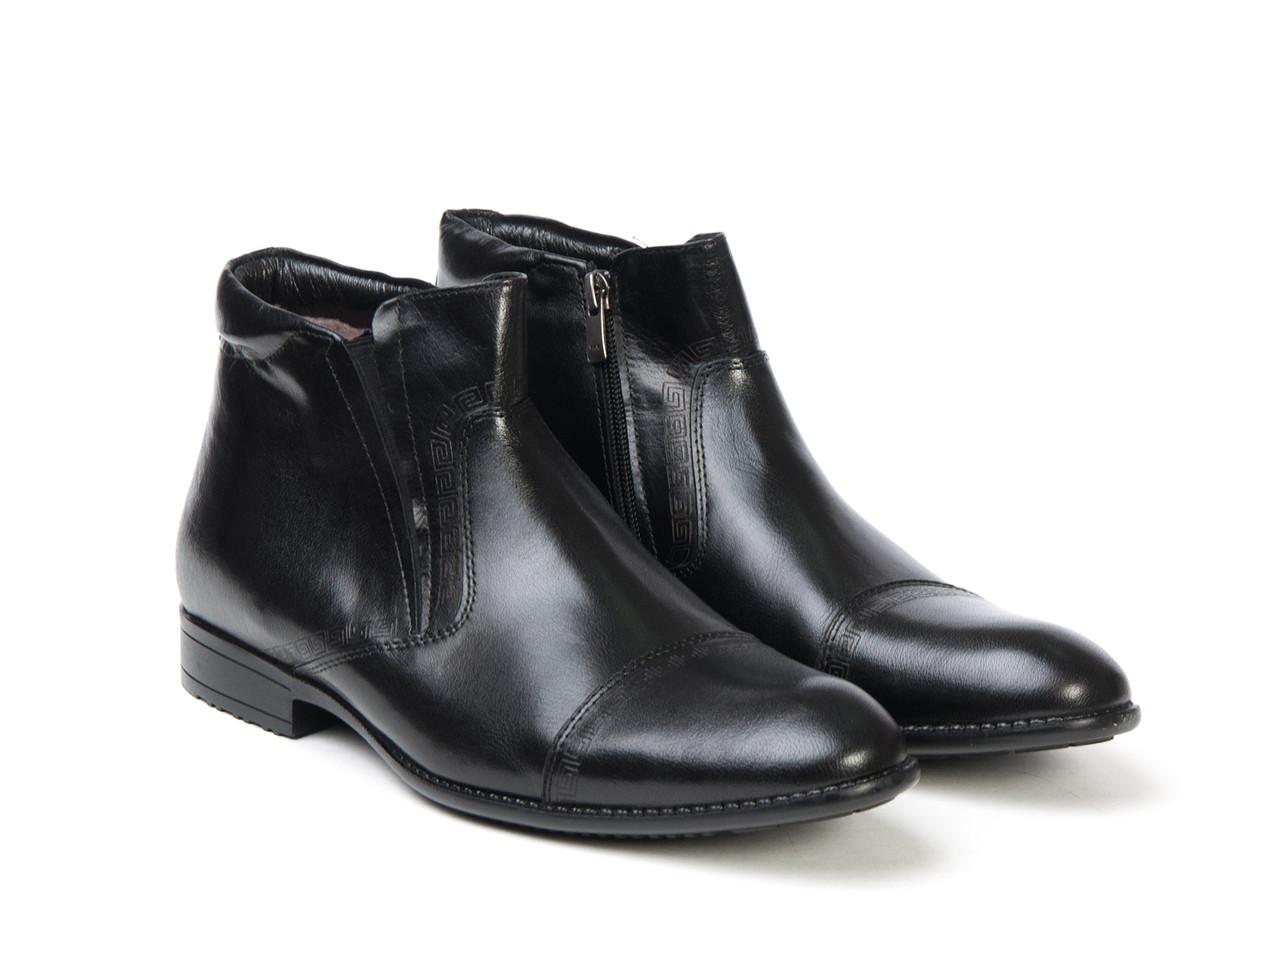 Ботинки Etor 12250-14820-02 черные